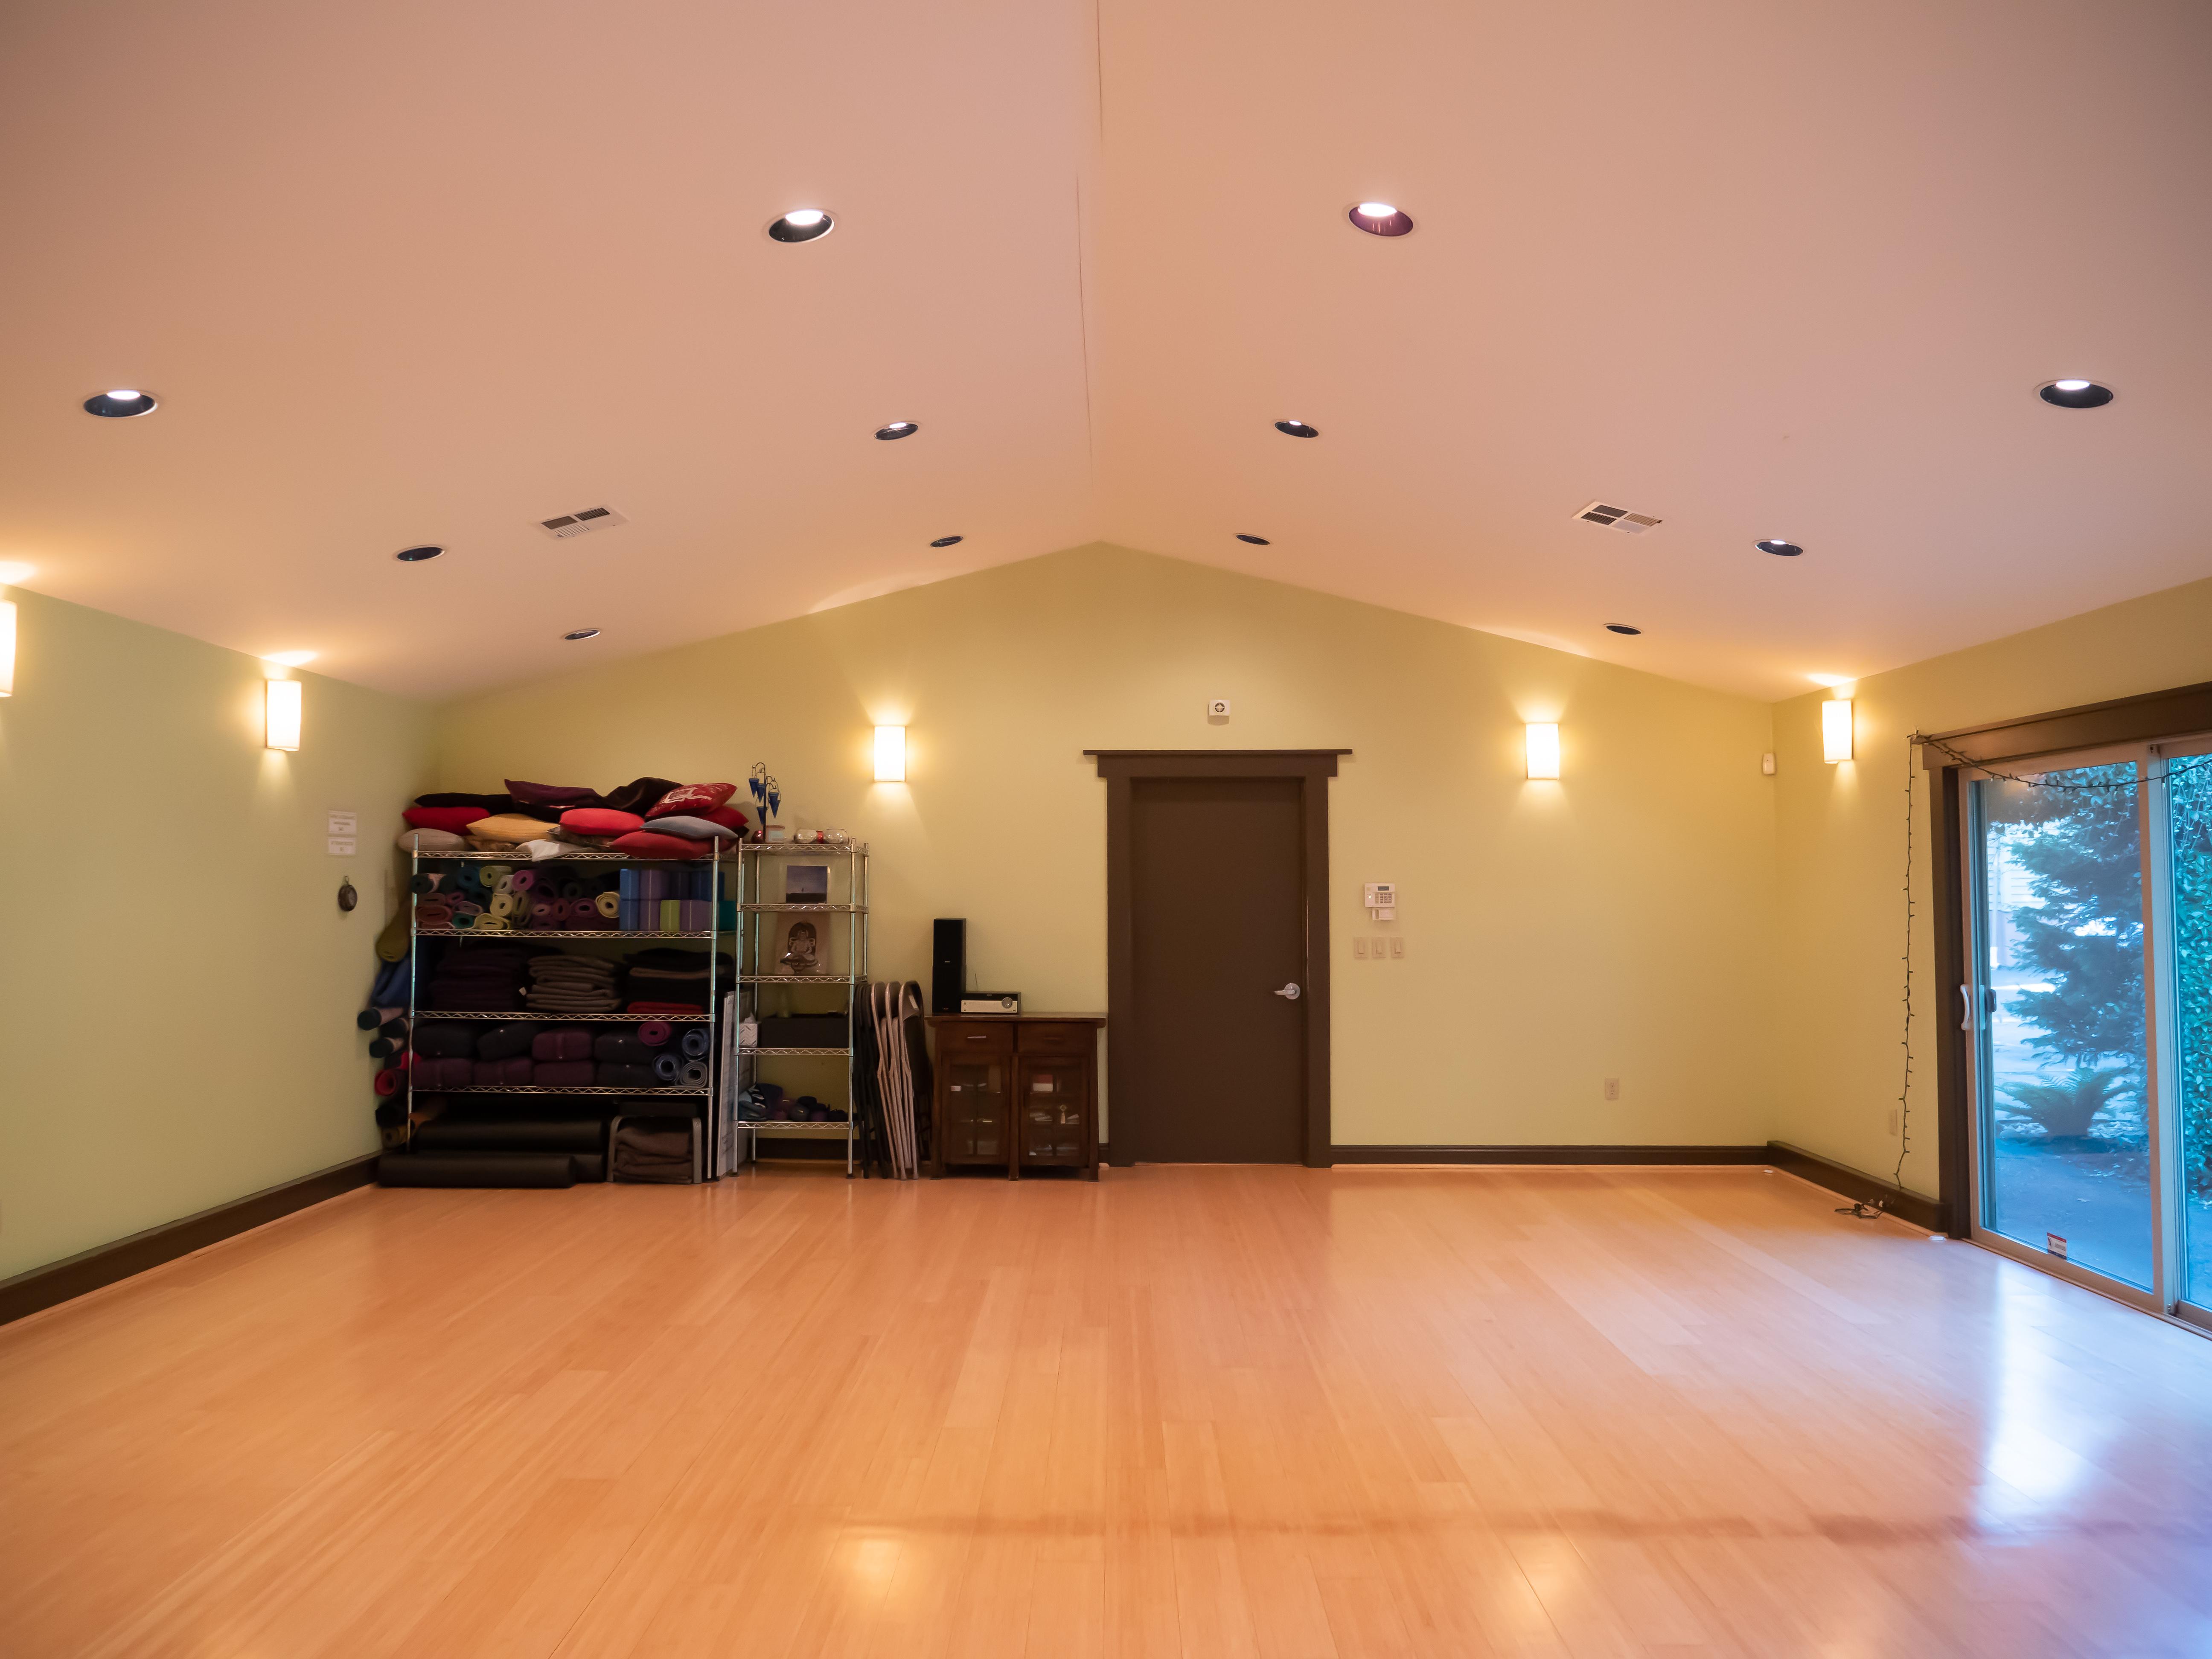 Opening to Life Yoga Studio